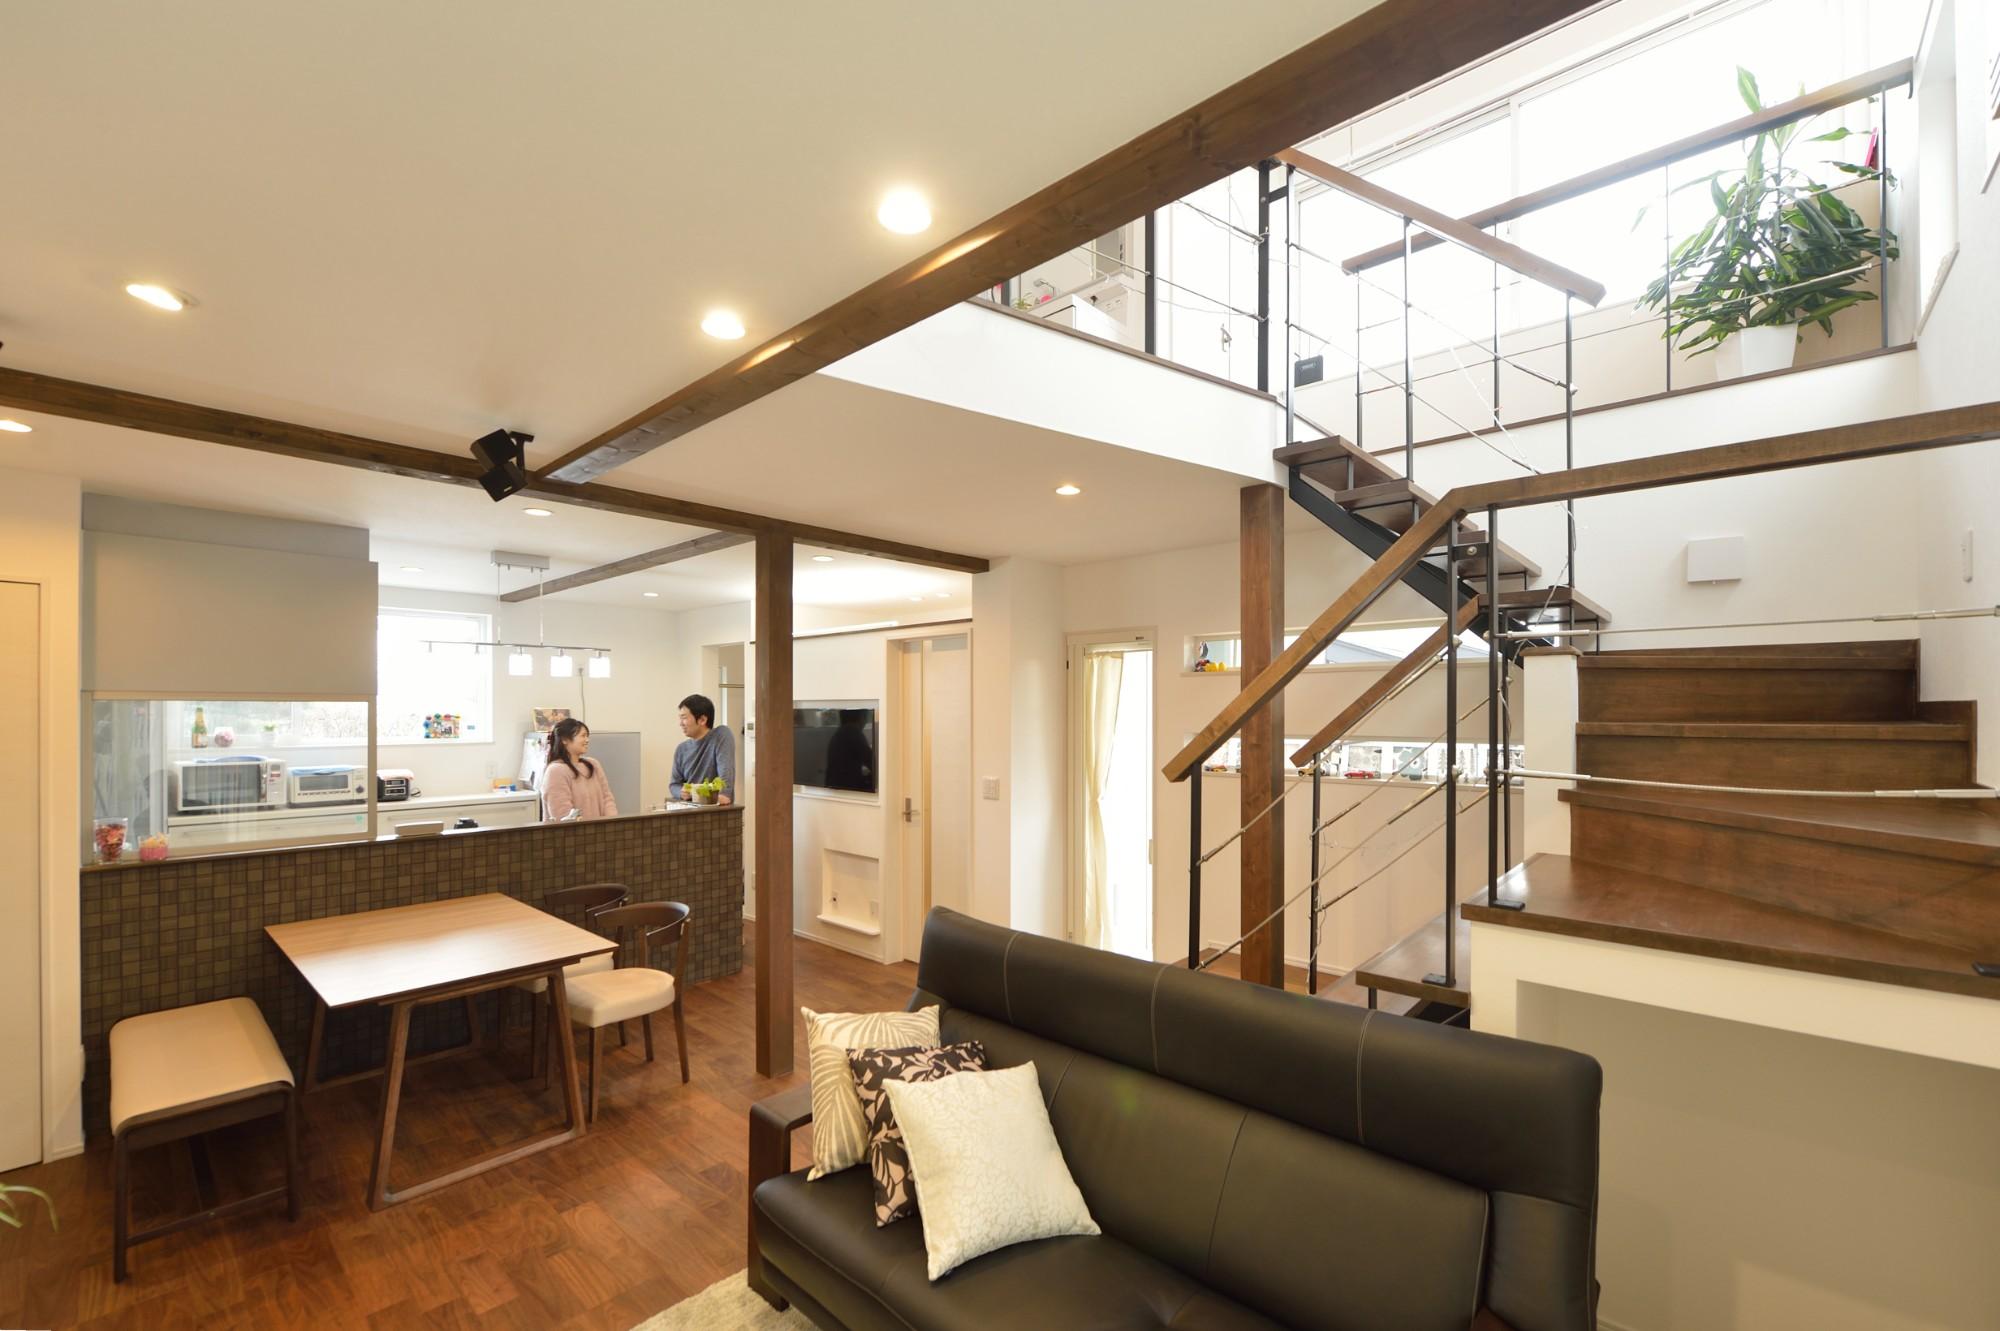 家'Sハセガワ株式会社「雑貨が似合う家」のシンプル・ナチュラルなリビング・ダイニングの実例写真